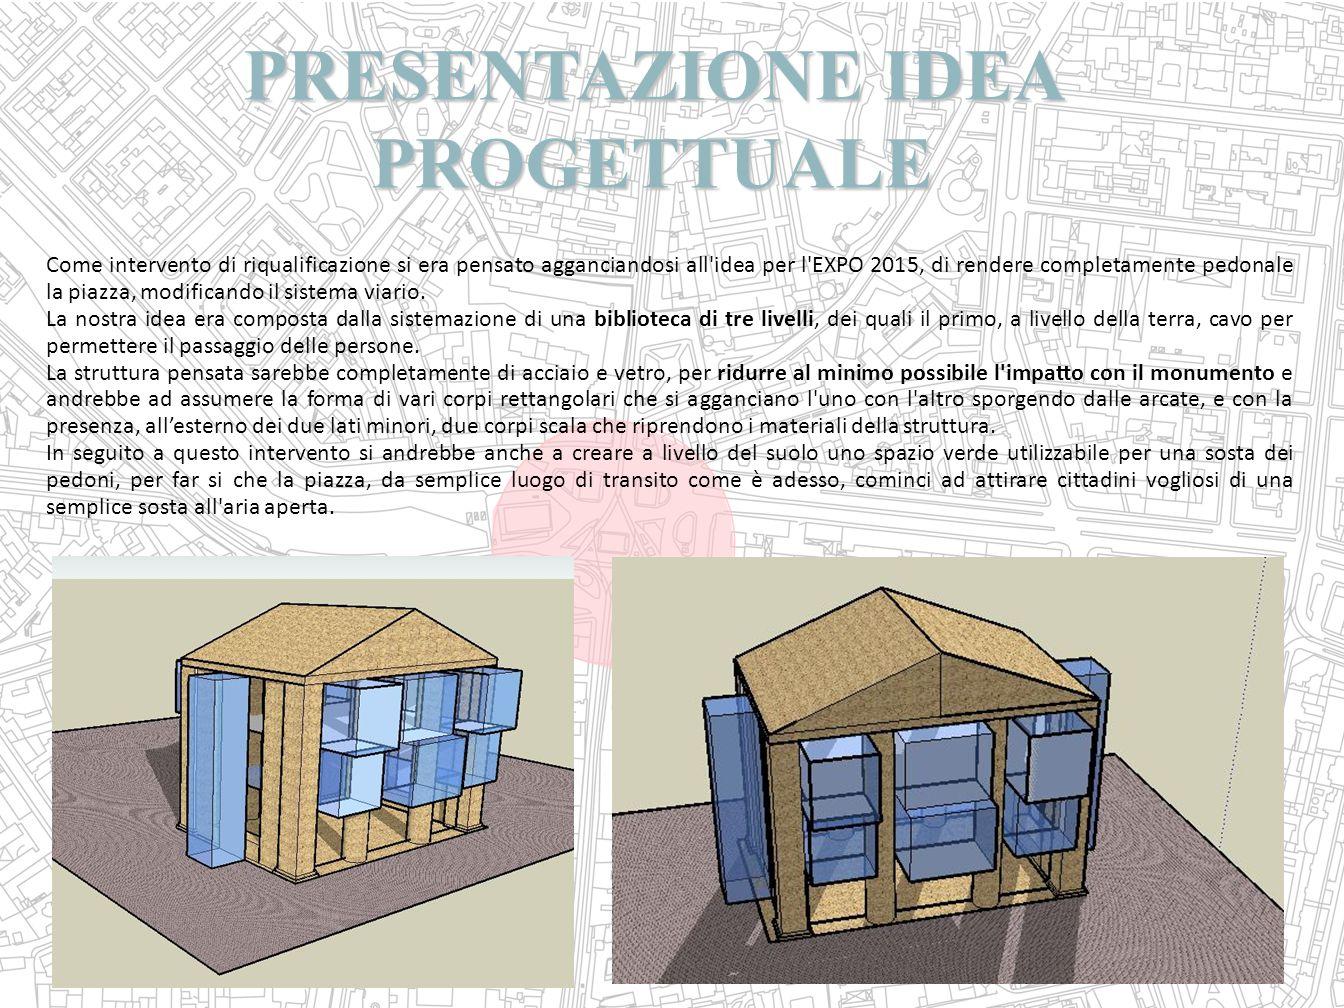 PRESENTAZIONE IDEA PROGETTUALE